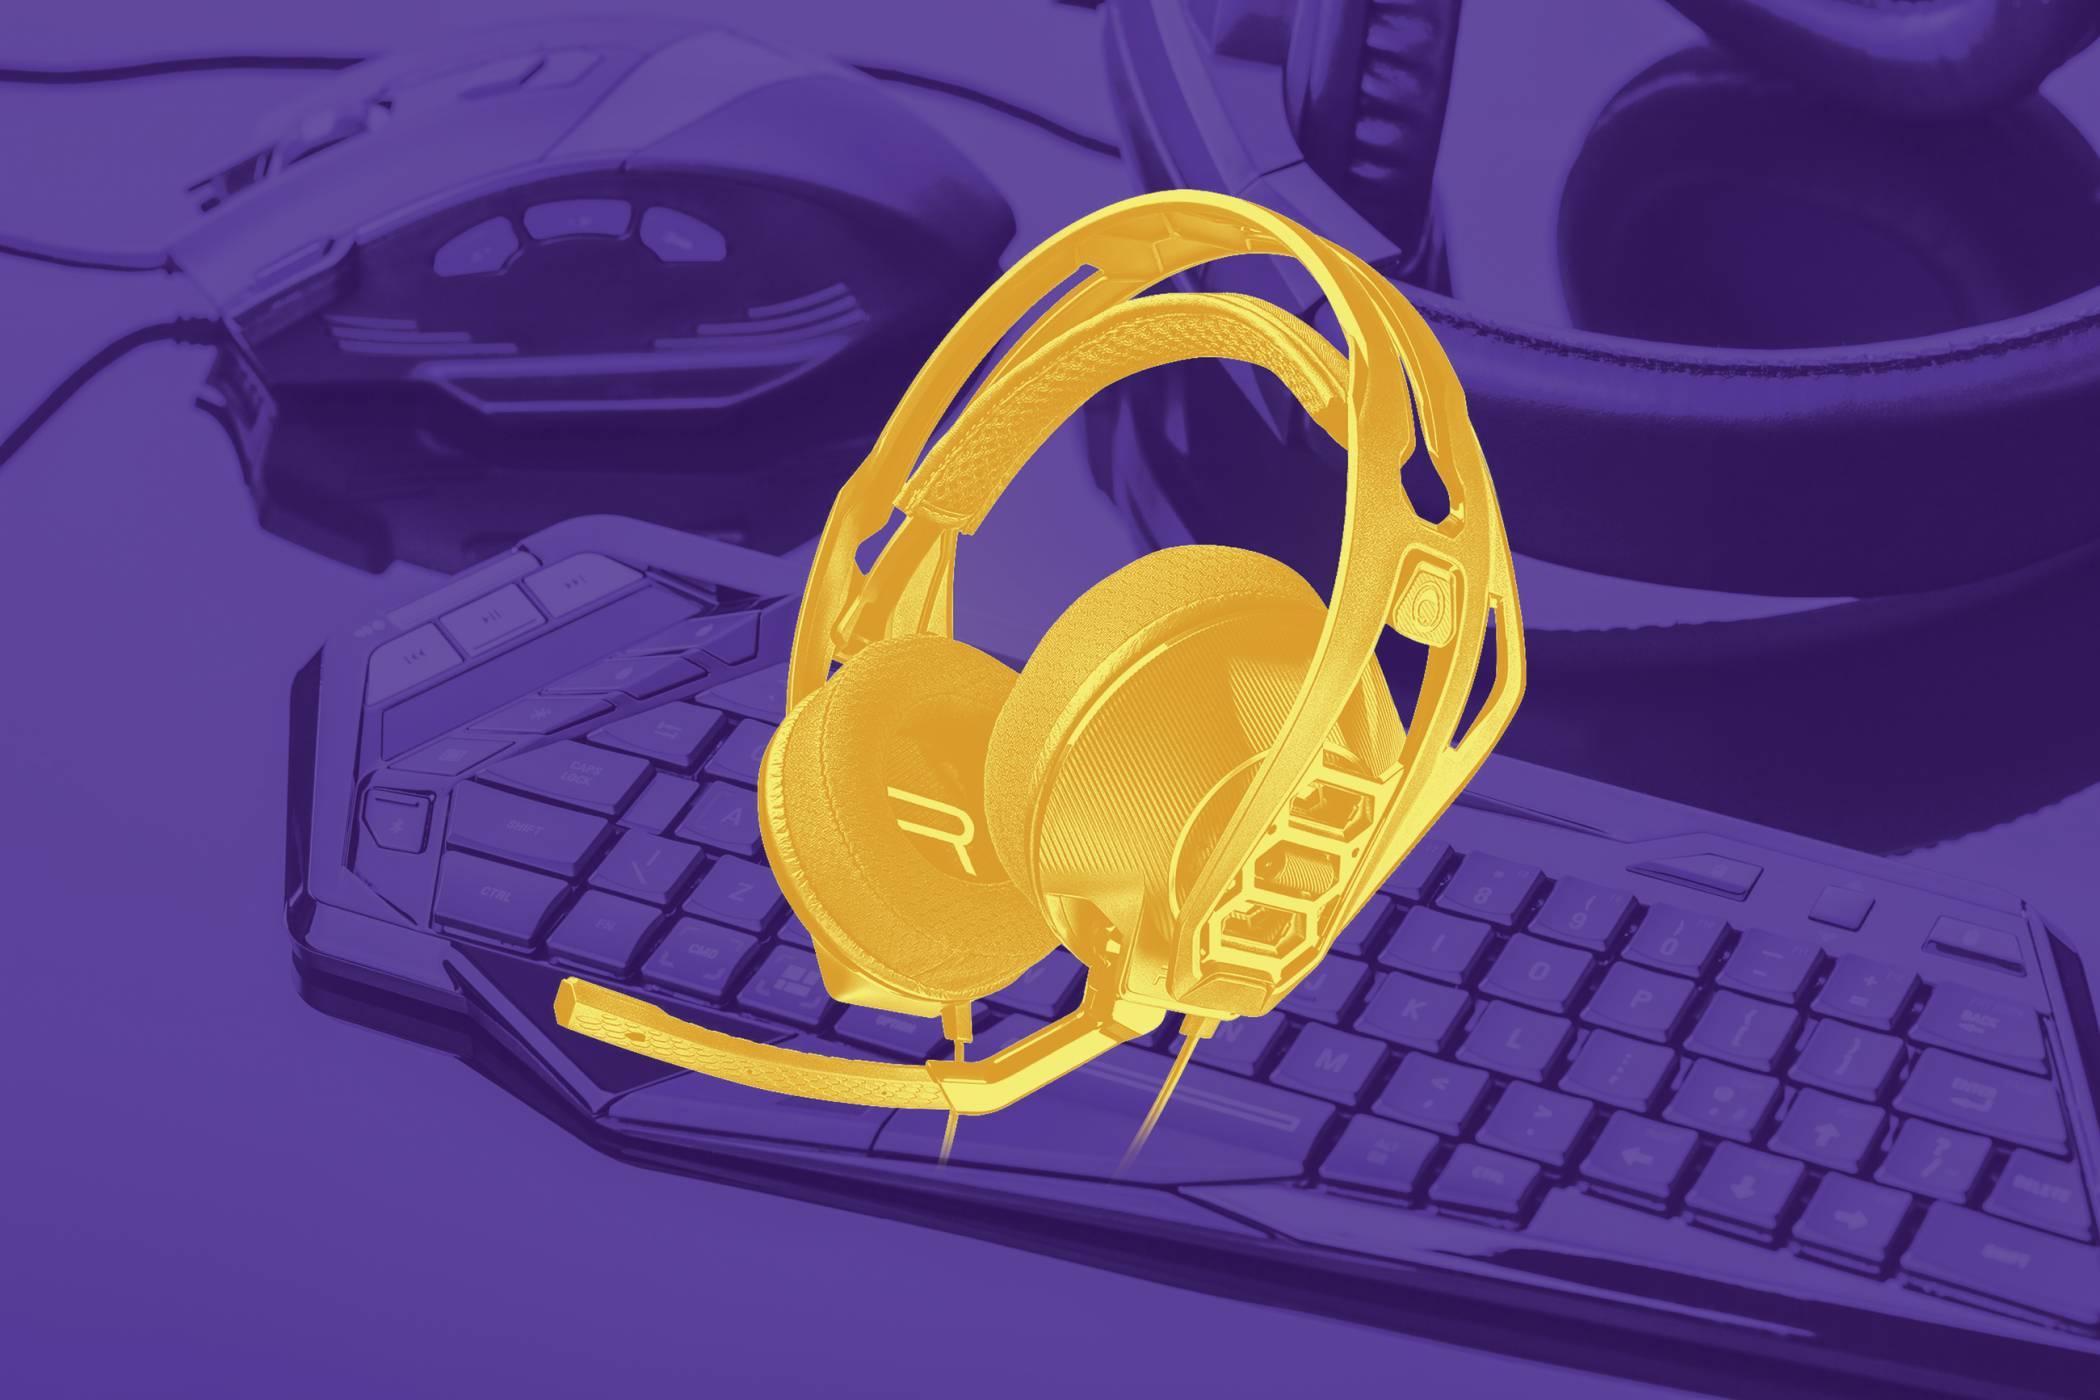 Как да изберем? Гейминг слушалки и аксесоари (потребителски гайд)